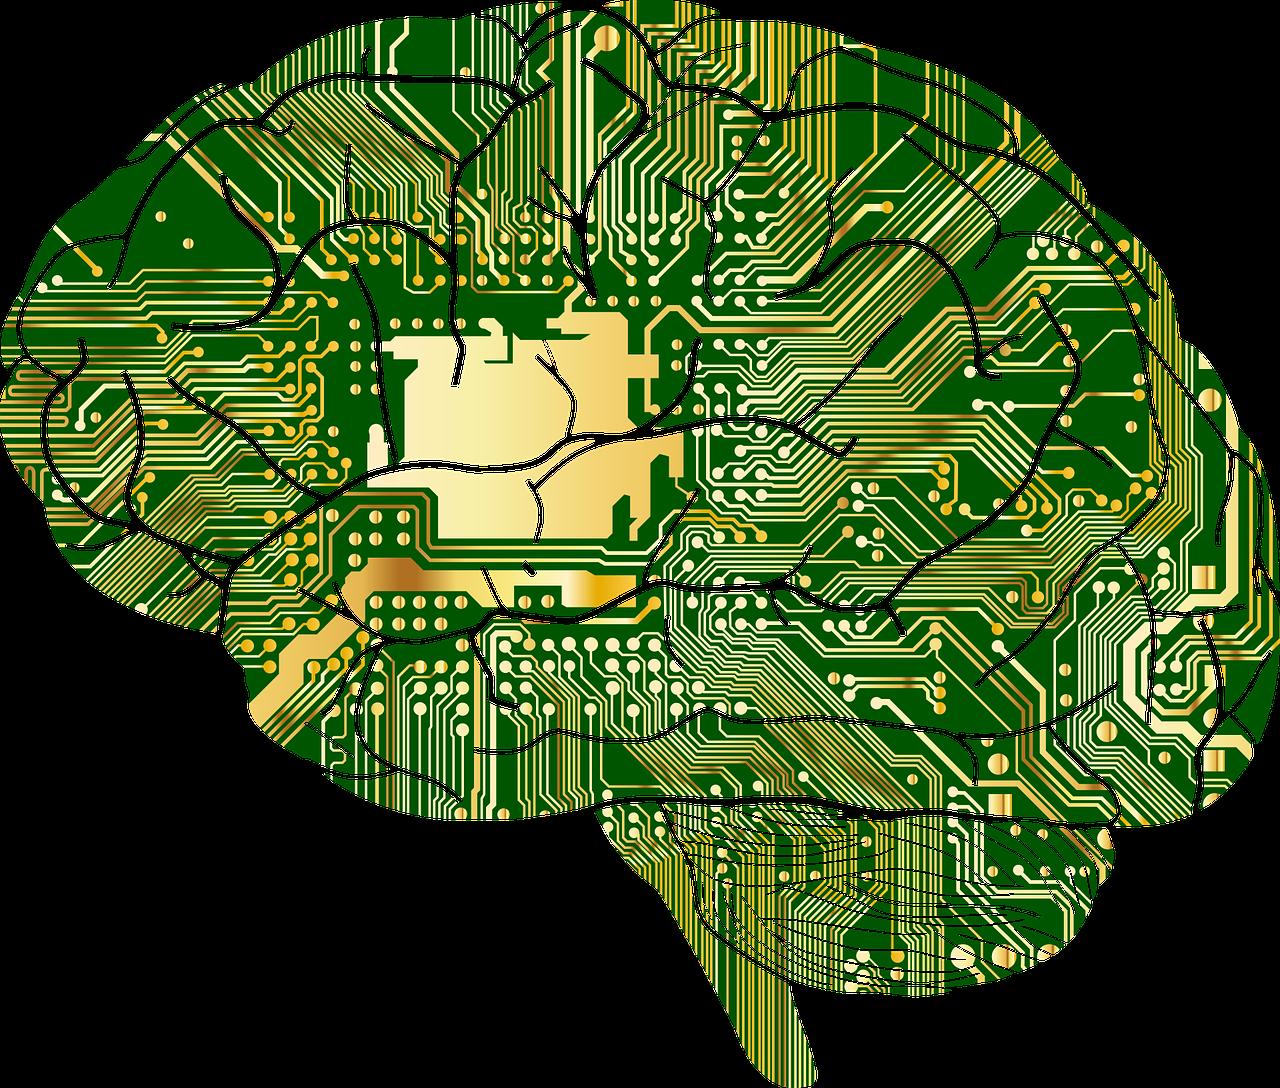 人間の脳のイメージ画像